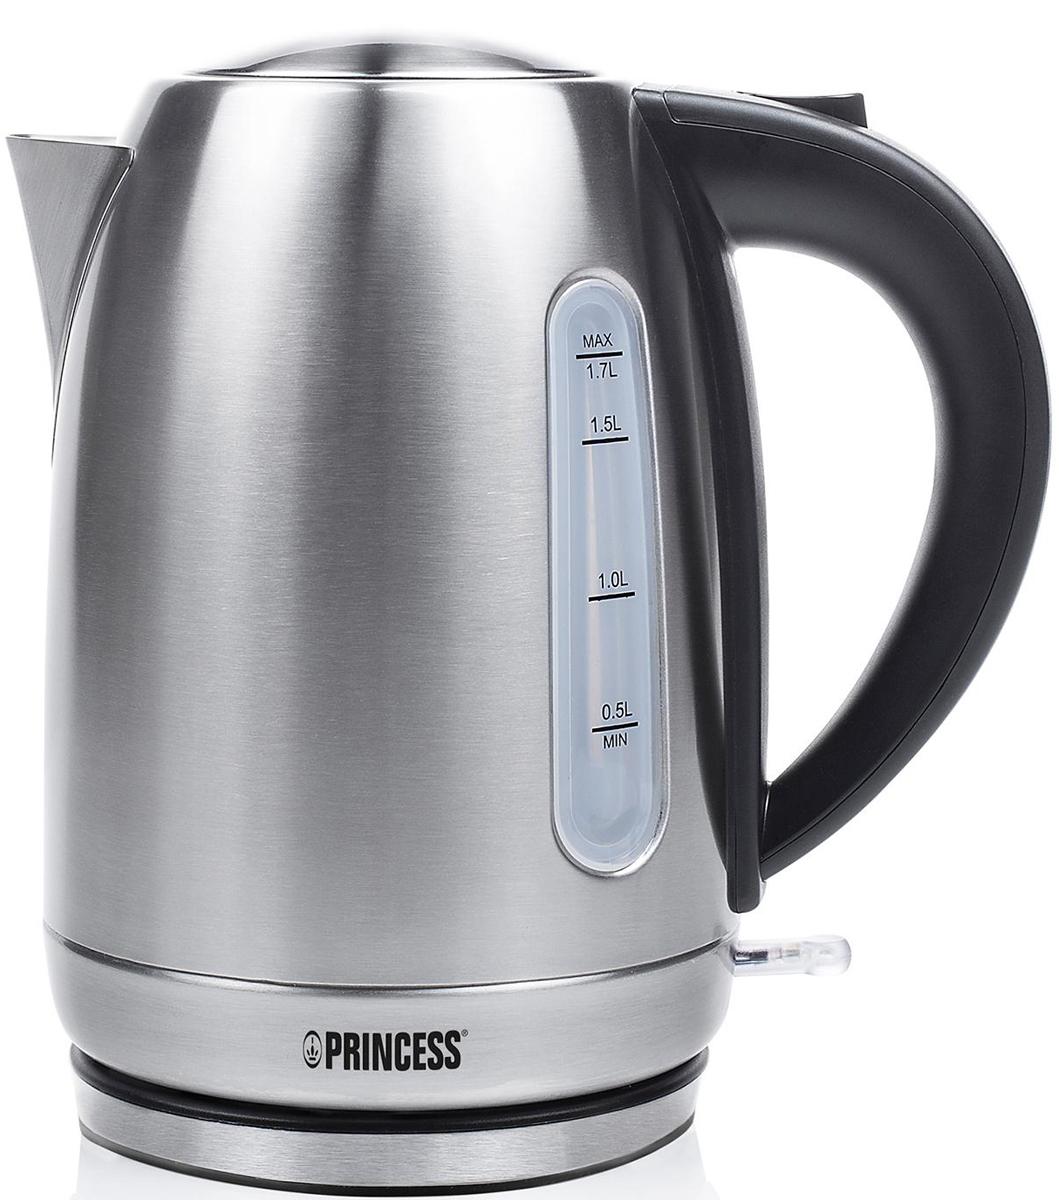 Princess 236018, Silver электрический чайник236018Электрочайник Princess 236018 имеет корпус из нержавеющей стали. Максимальный объем составляет 1,7 л, а мощность 1850-2200 Вт. Среди особенностей данной модели можно выделить закрытый нагревательный элемент, индикацию включения, вращение корпуса на 360 градусов и автоматическое отключение при недостаточном количестве воды.